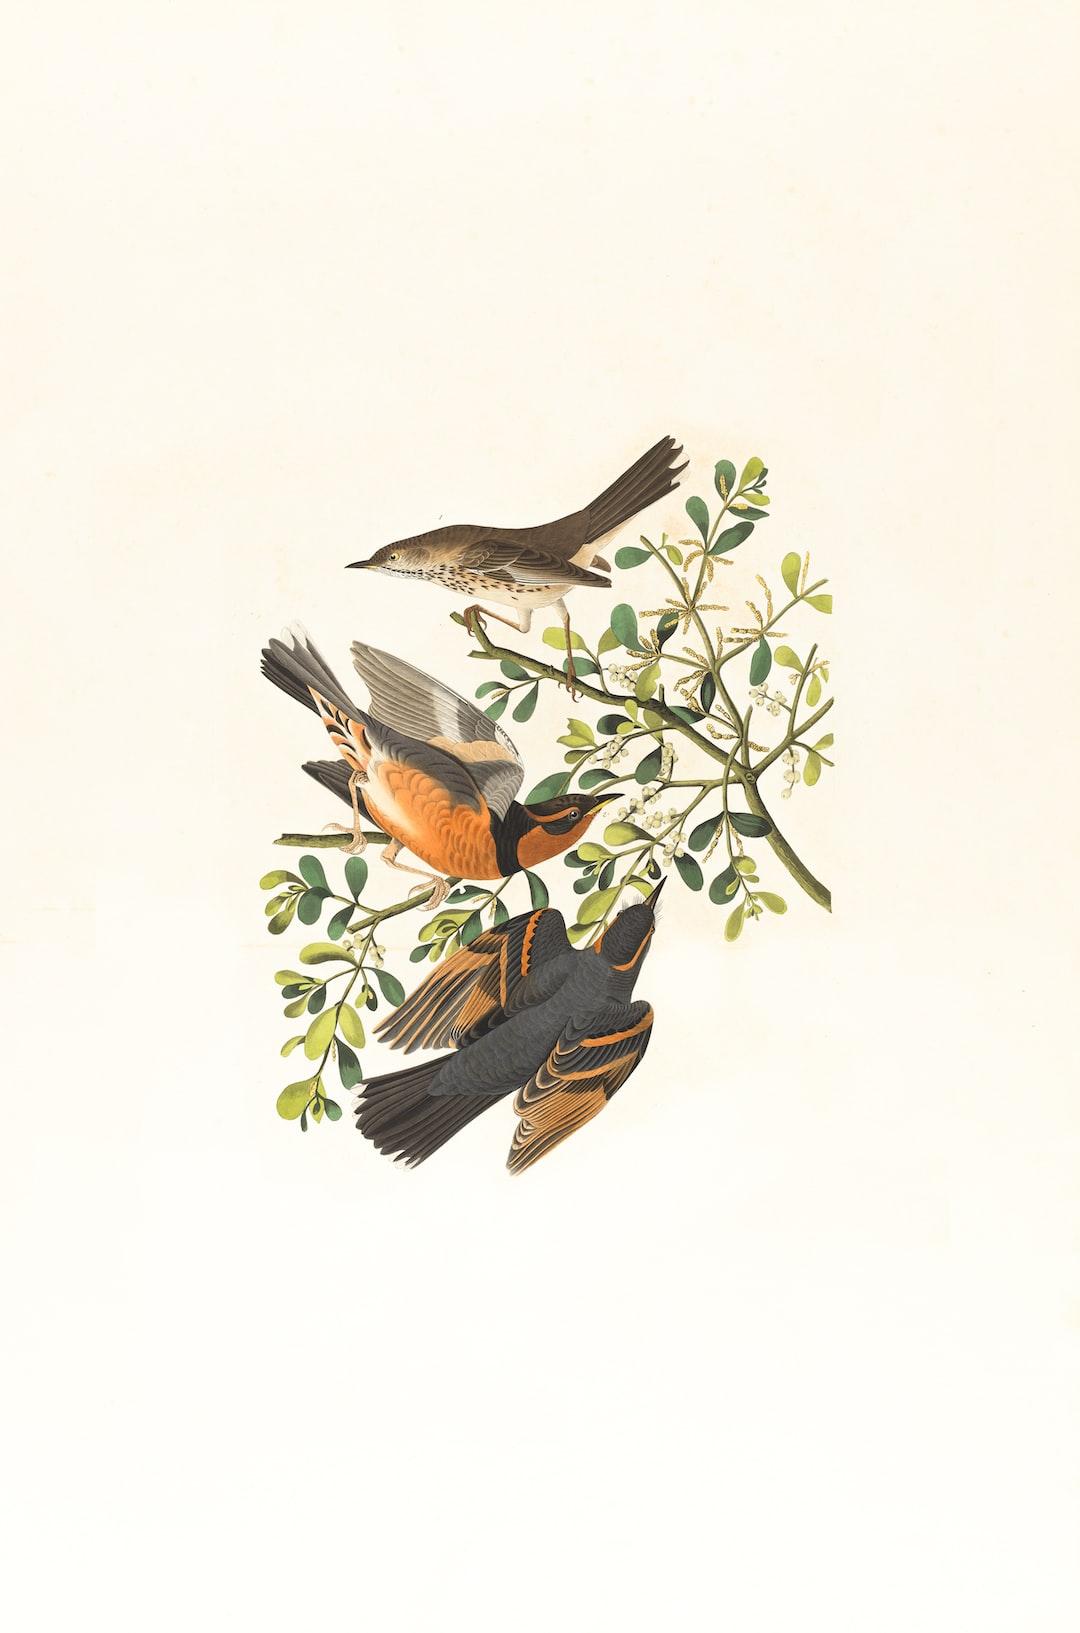 Mountain mocking bird,Varied thrush, male & female,Orpheus montanus. Artist: Audubon, John James, 1785-1851 https://ark.digitalcommonwealth.org/ark:/50959/9s16d744d Please visit Digital Commonwealth to view more images: https://www.digitalcommonwealth.org.